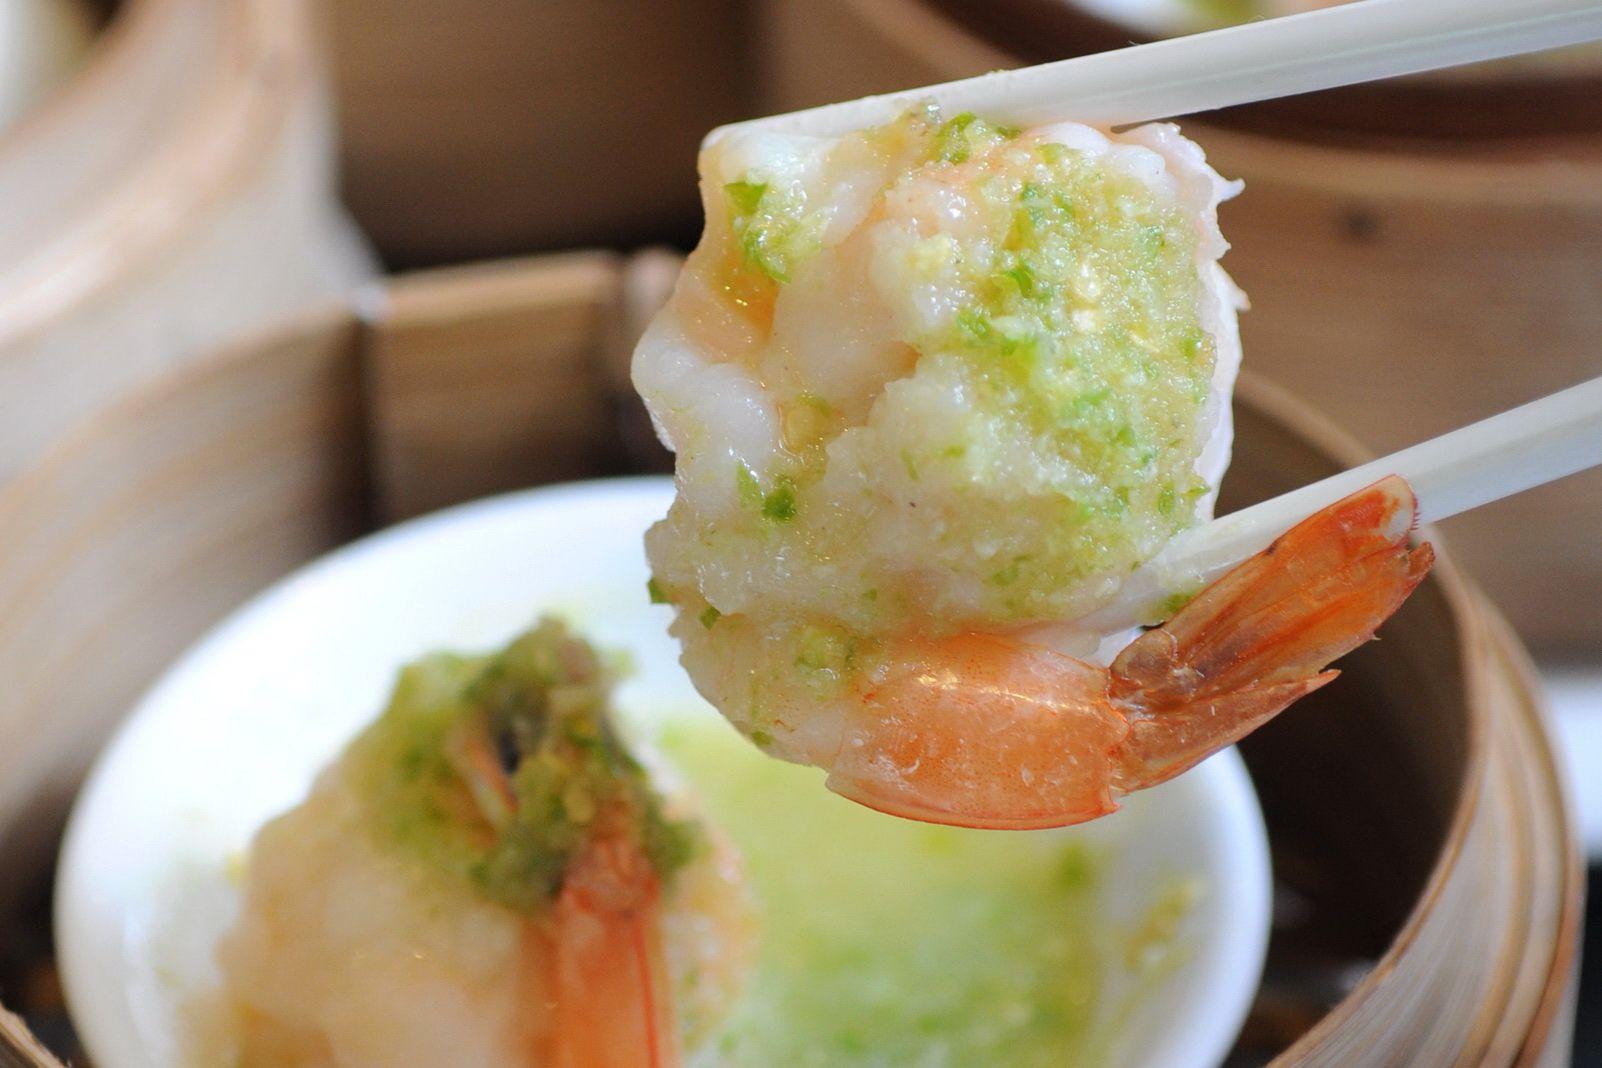 ความสุขเต็มอิ่มกับบุฟเฟ่ต์ติ่มซำ all you can eat @ ห้องอาหารจีน หยก